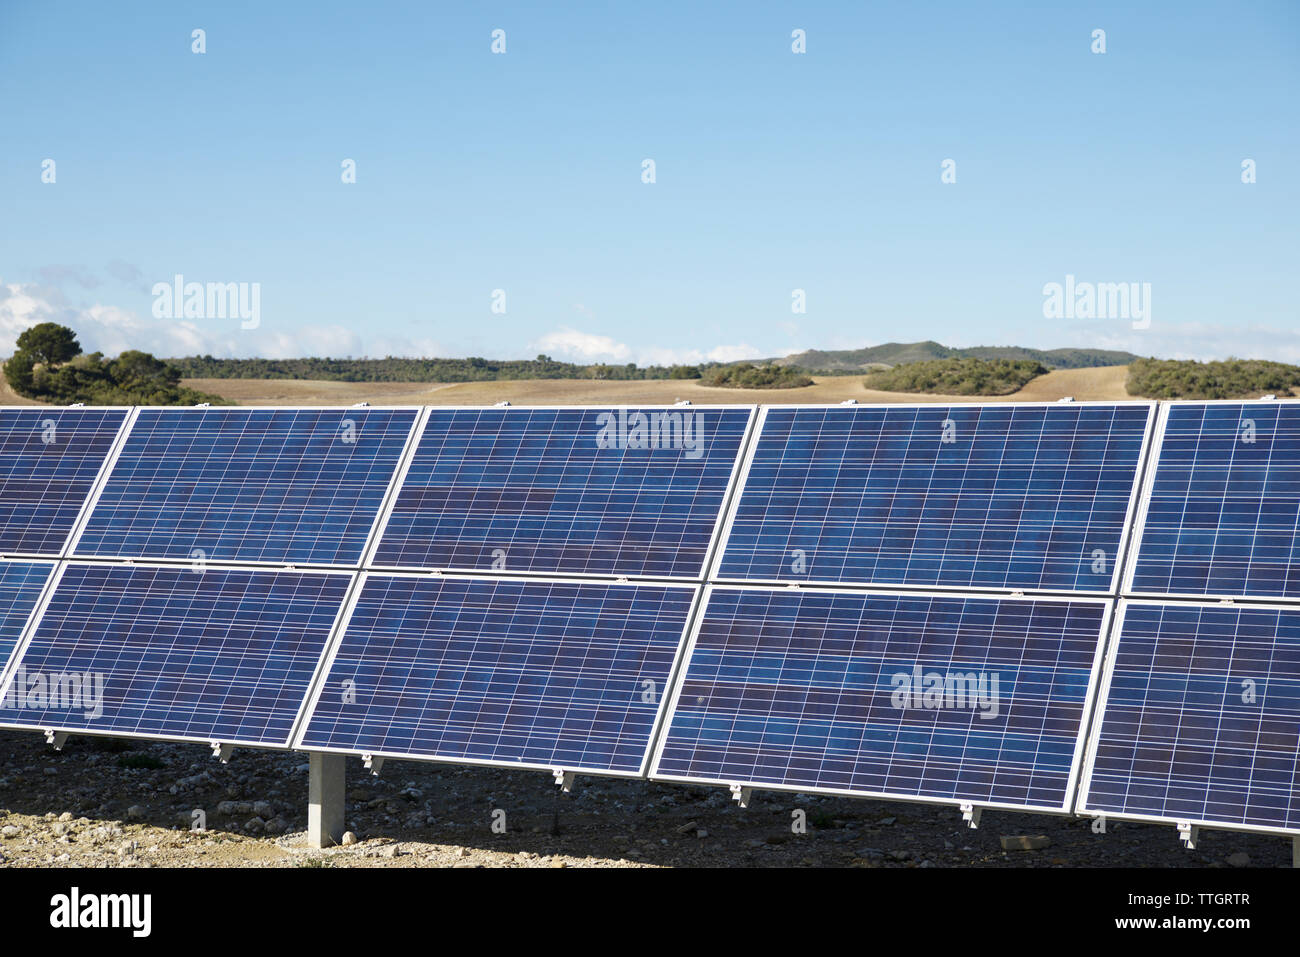 Paneles solares en el paisaje contra el cielo azul durante el día soleado Imagen De Stock